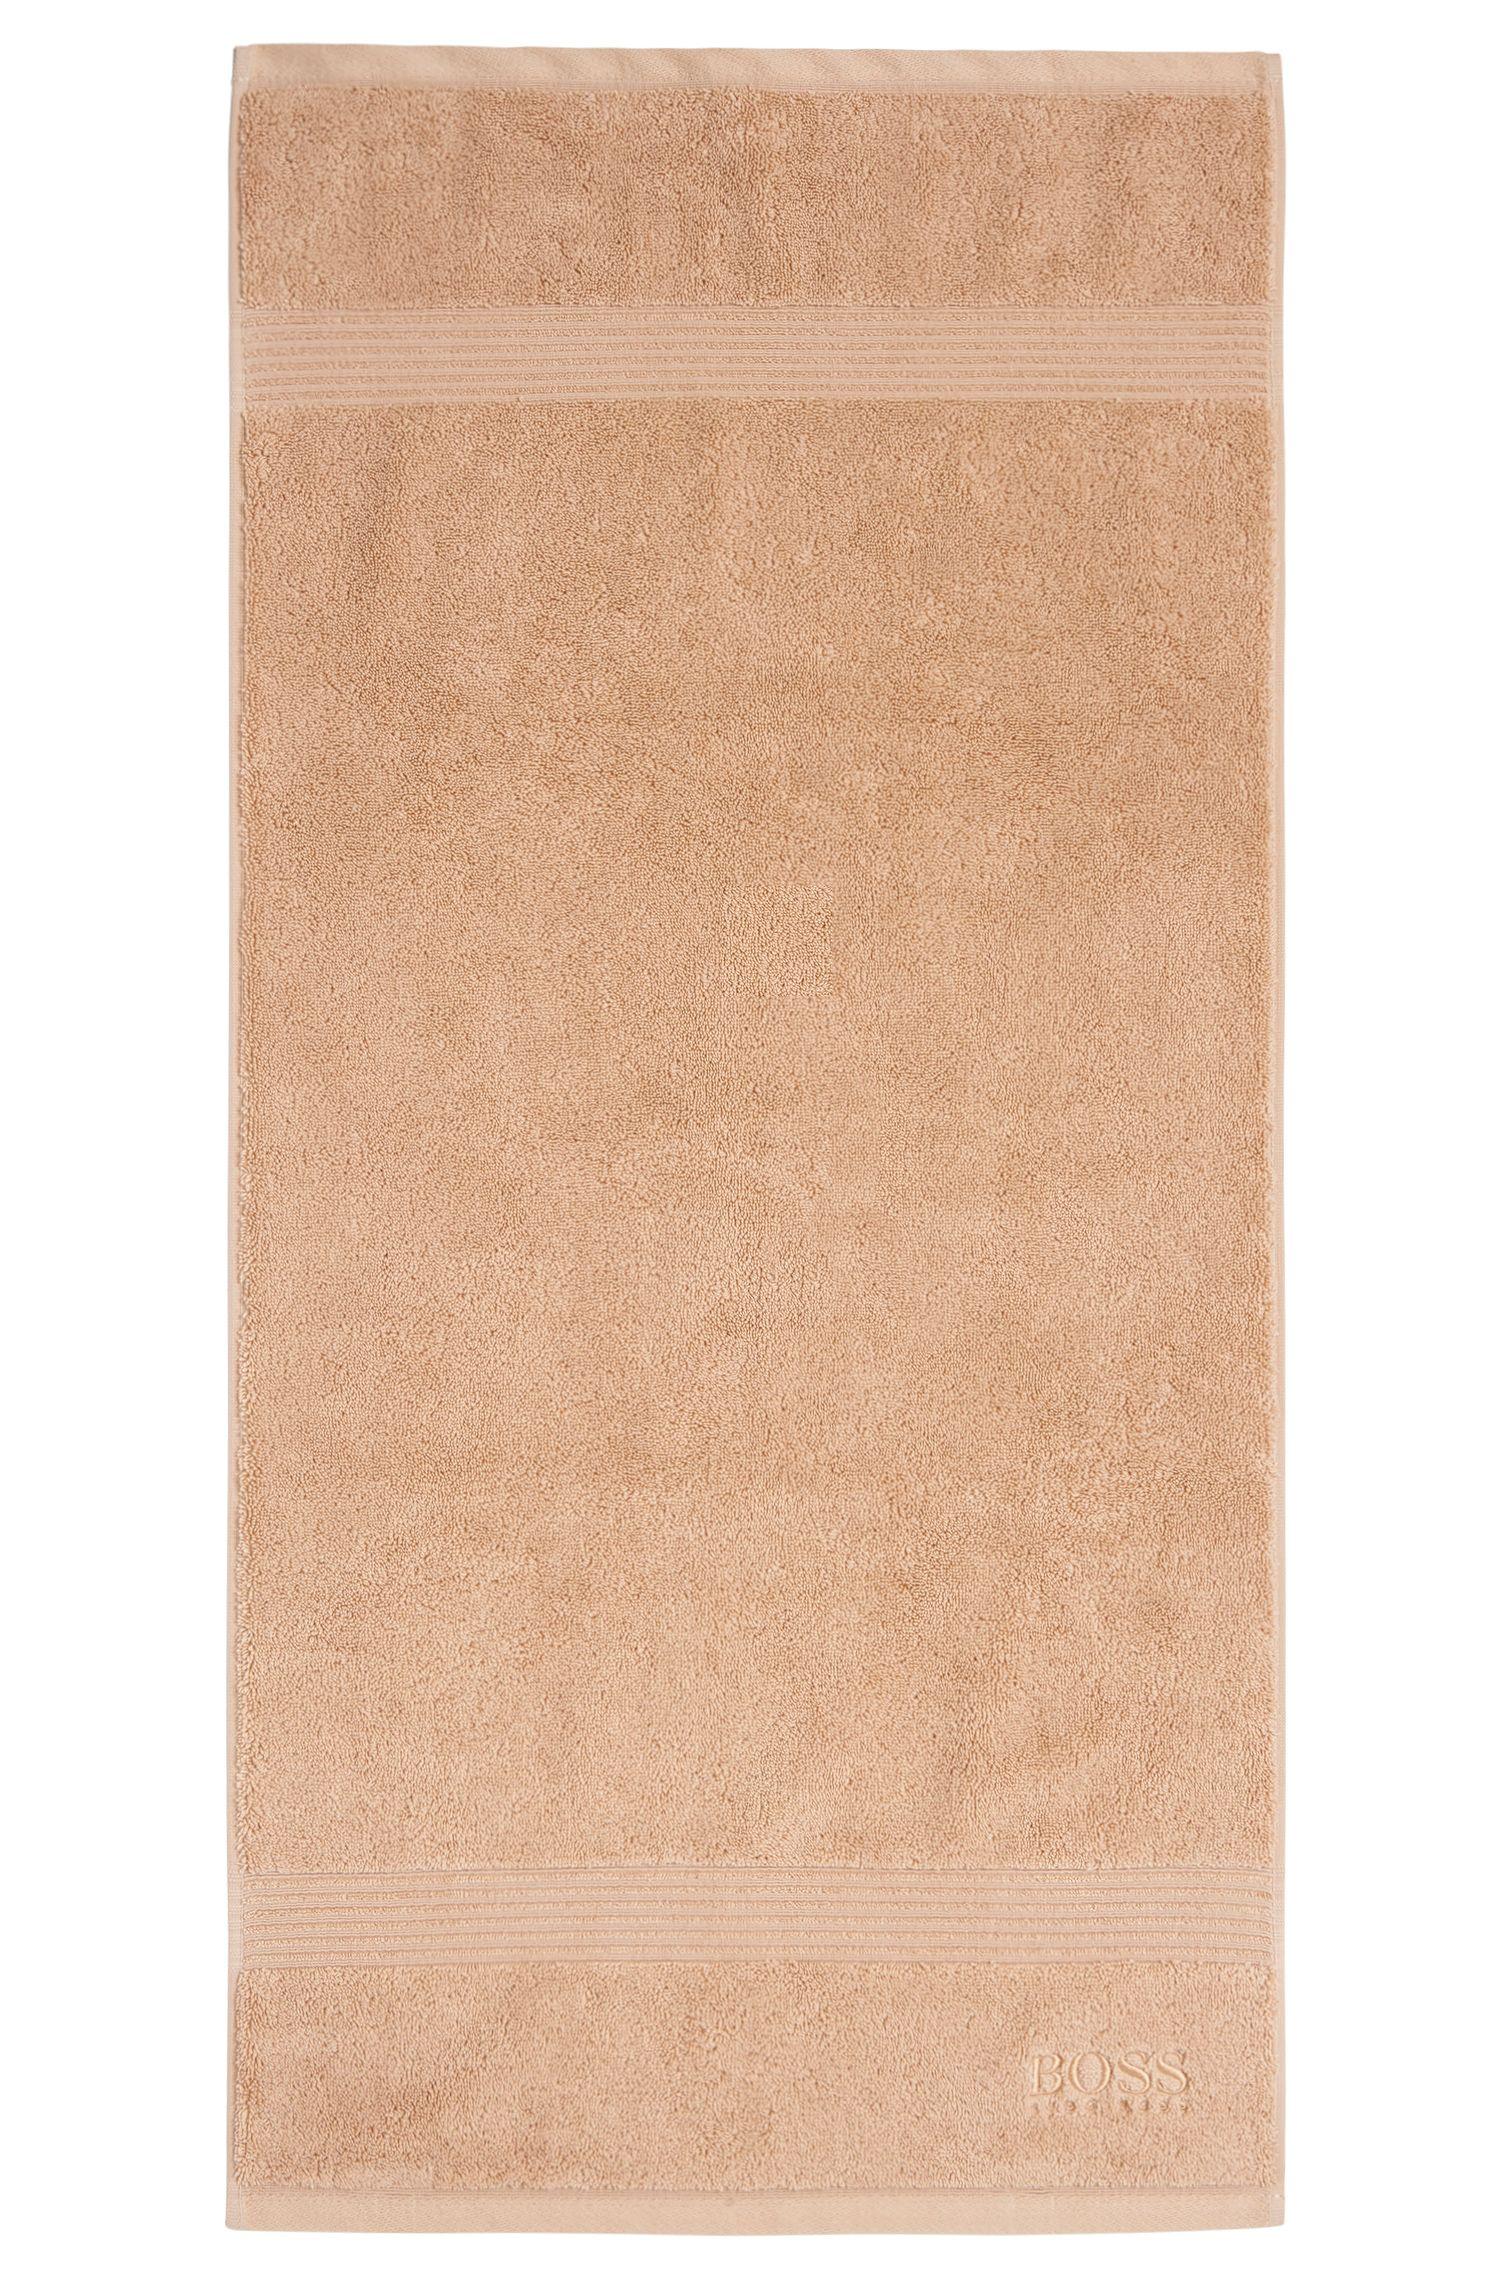 Handdoek 'Loft Serviette toile' van een katoenen frotté